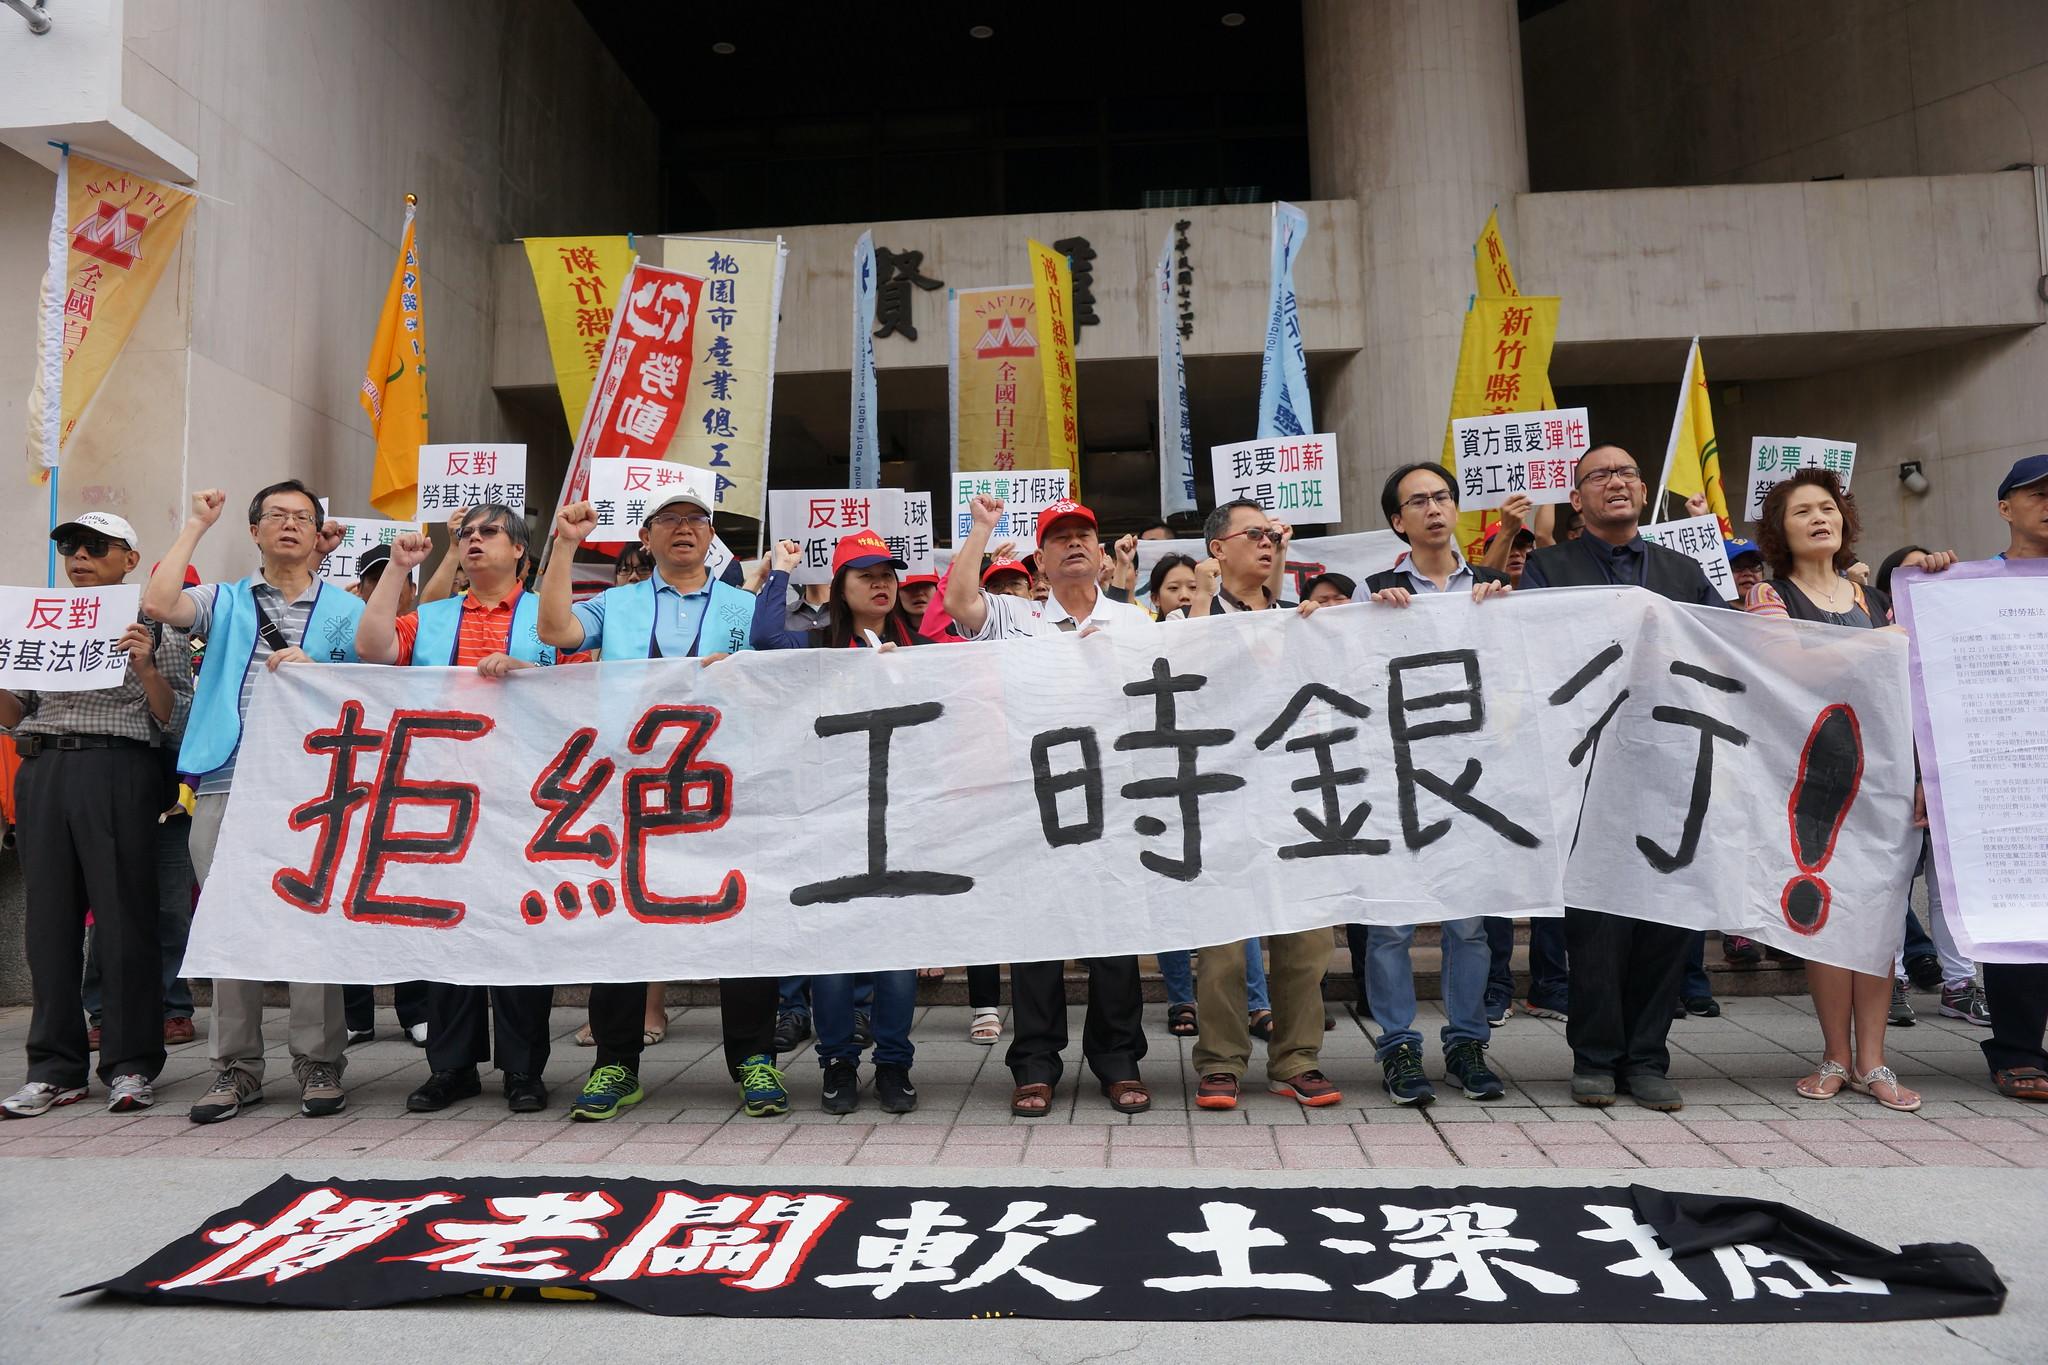 勞團今動員反對「工時帳戶」制。(攝影:王顥中)